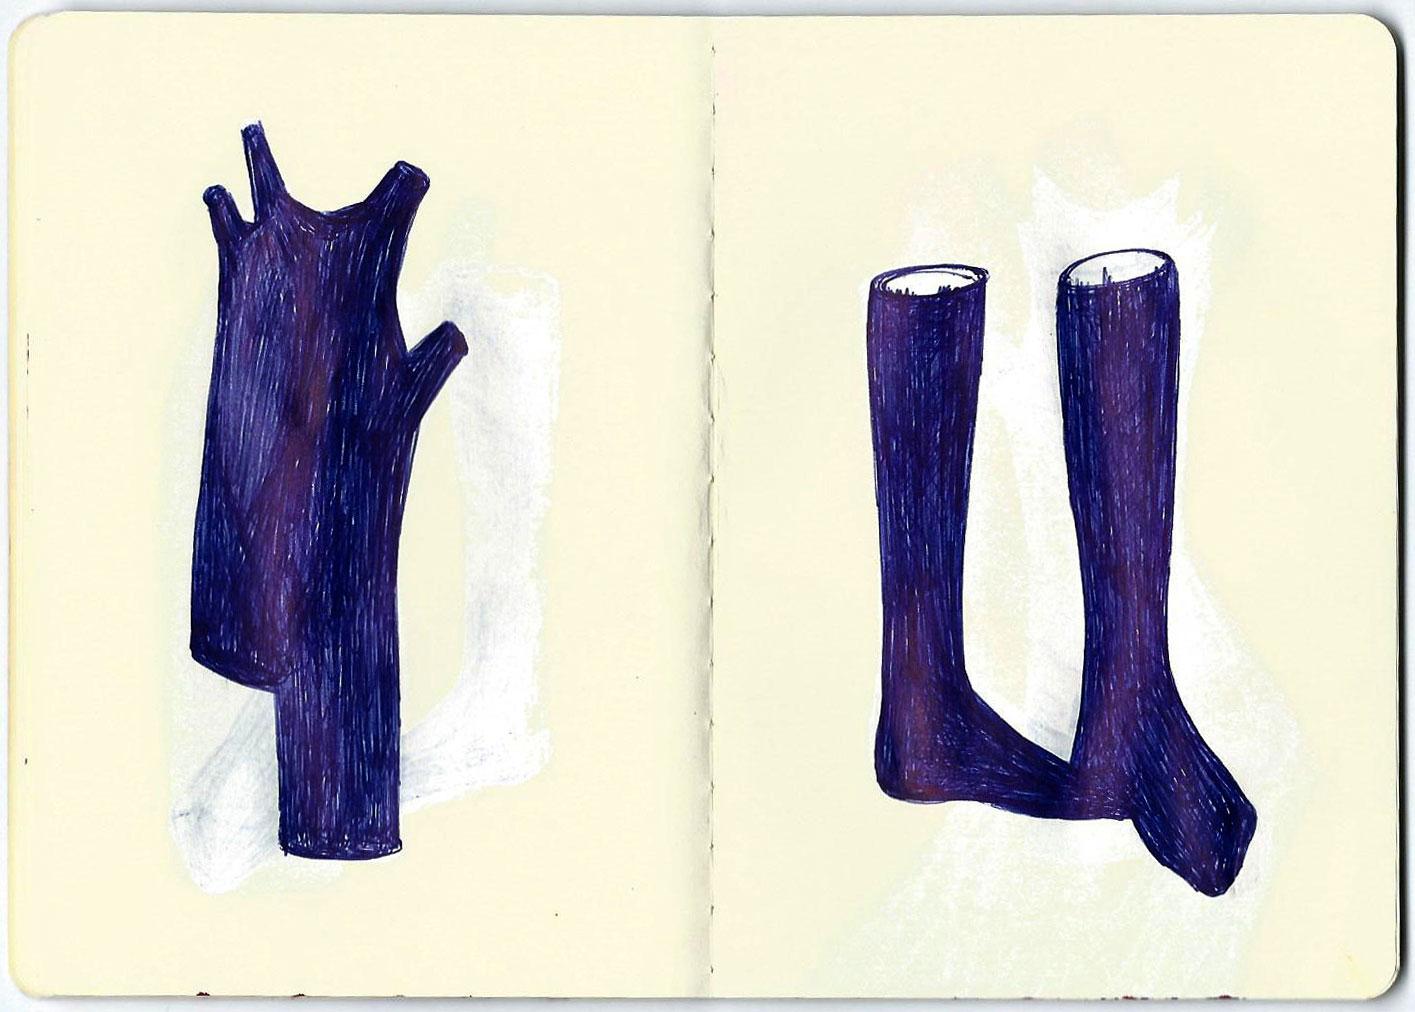 isabelle-jolivet-dessin-page-2 (13)